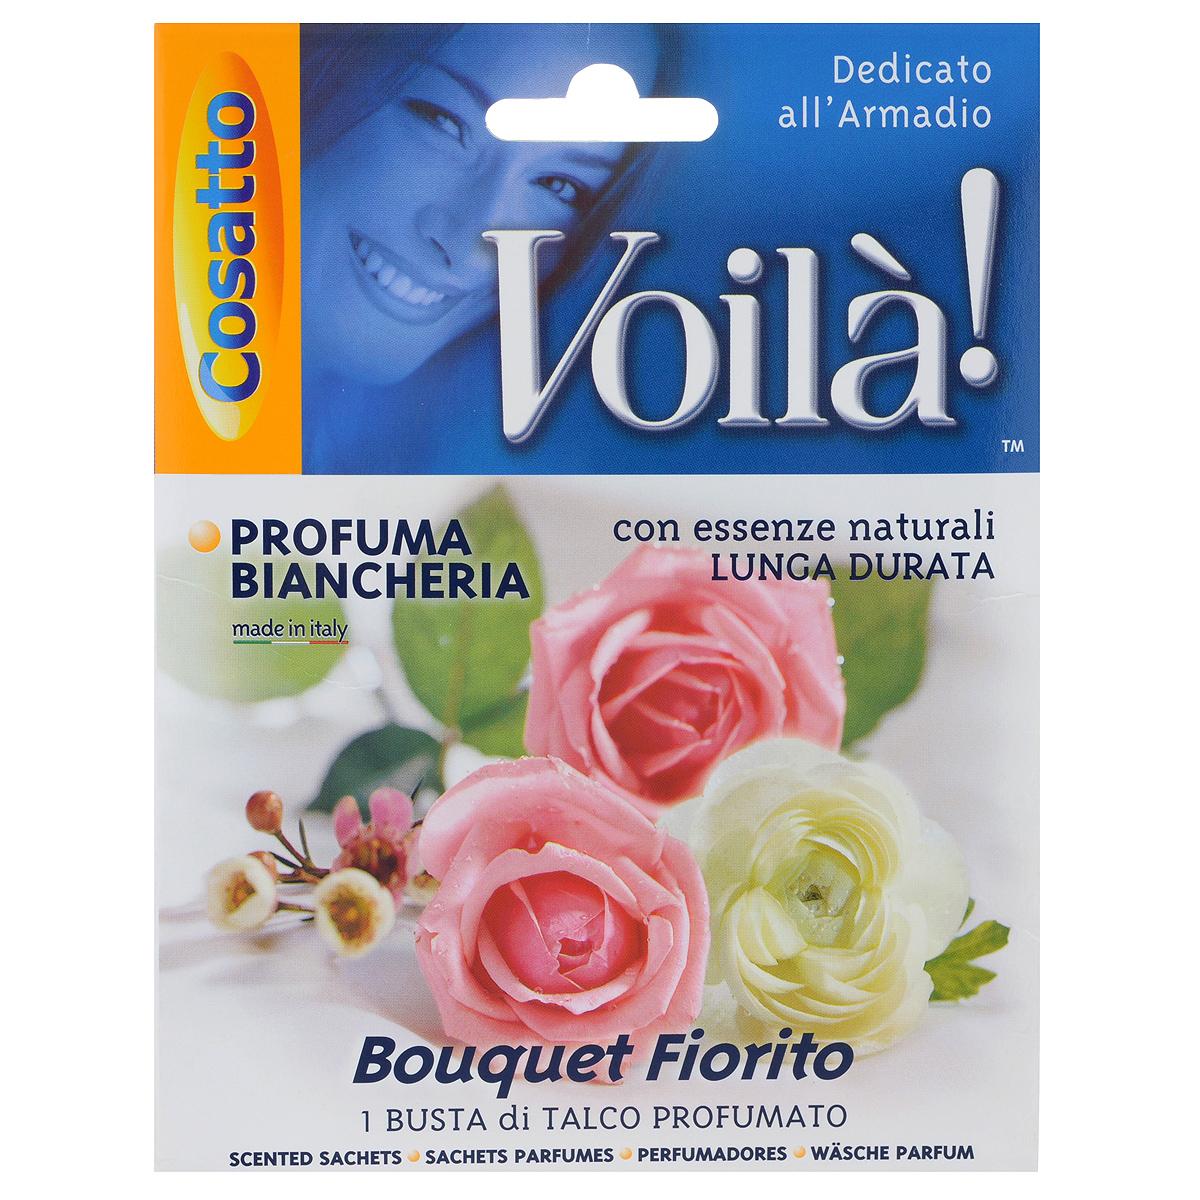 Ароматизатор для шкафа Voila РозыCOVLPB0001 розыАроматические саше Voila Розы создадут длительный тонкий запах в гардеробах, шкафах, ящиках, автомобиле и любых небольших помещениях. Заполненные тальком с натуральными эссенциями пакетики саше естественные для восприятия, освежающие природные ароматы устраняют неприятные запахи.